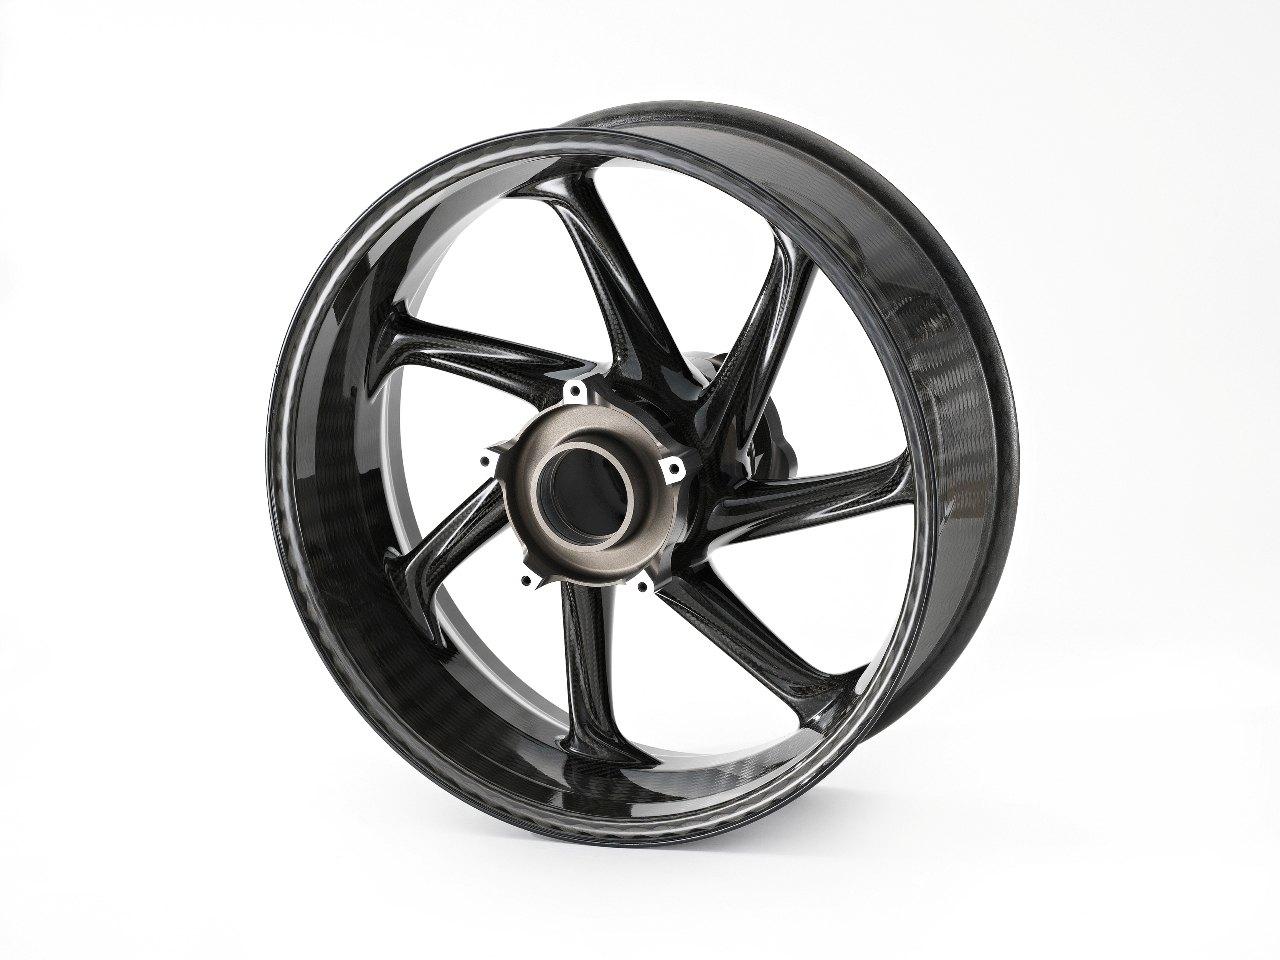 Передние и задние колёса также изготовлены из углеволокна